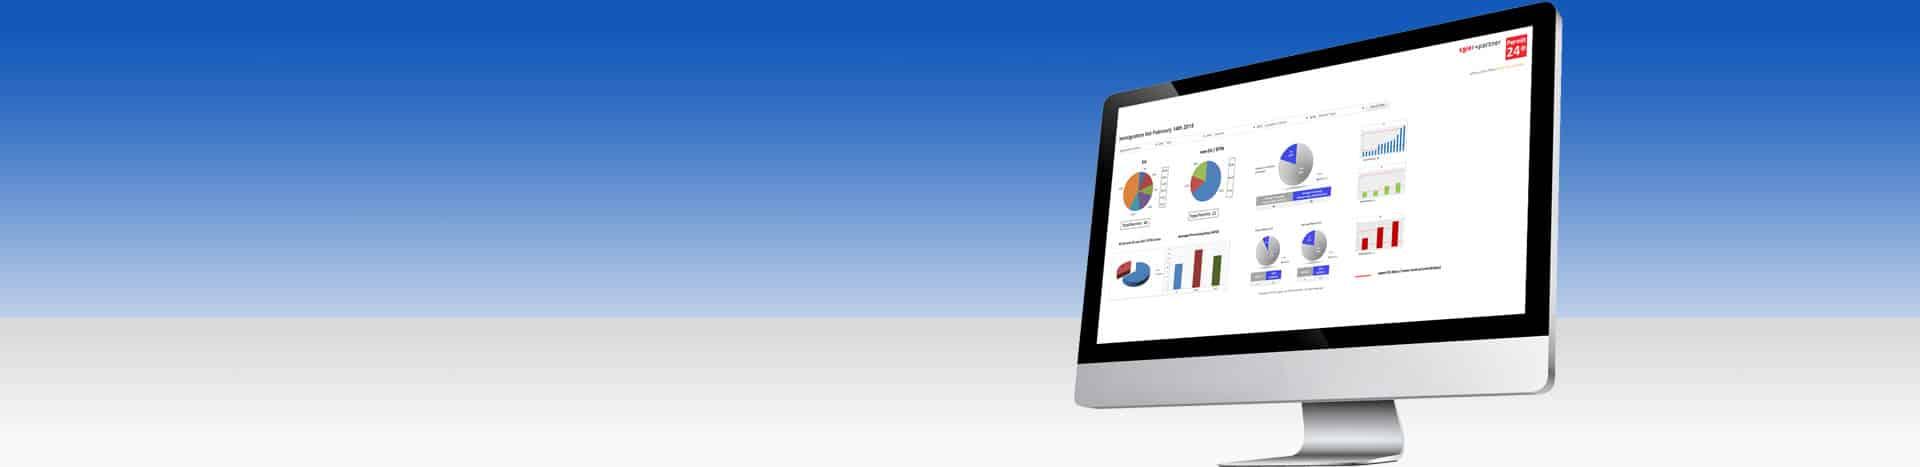 Permit24 ist die Software von Sgier + Partner für Arbeitsbewilligungen